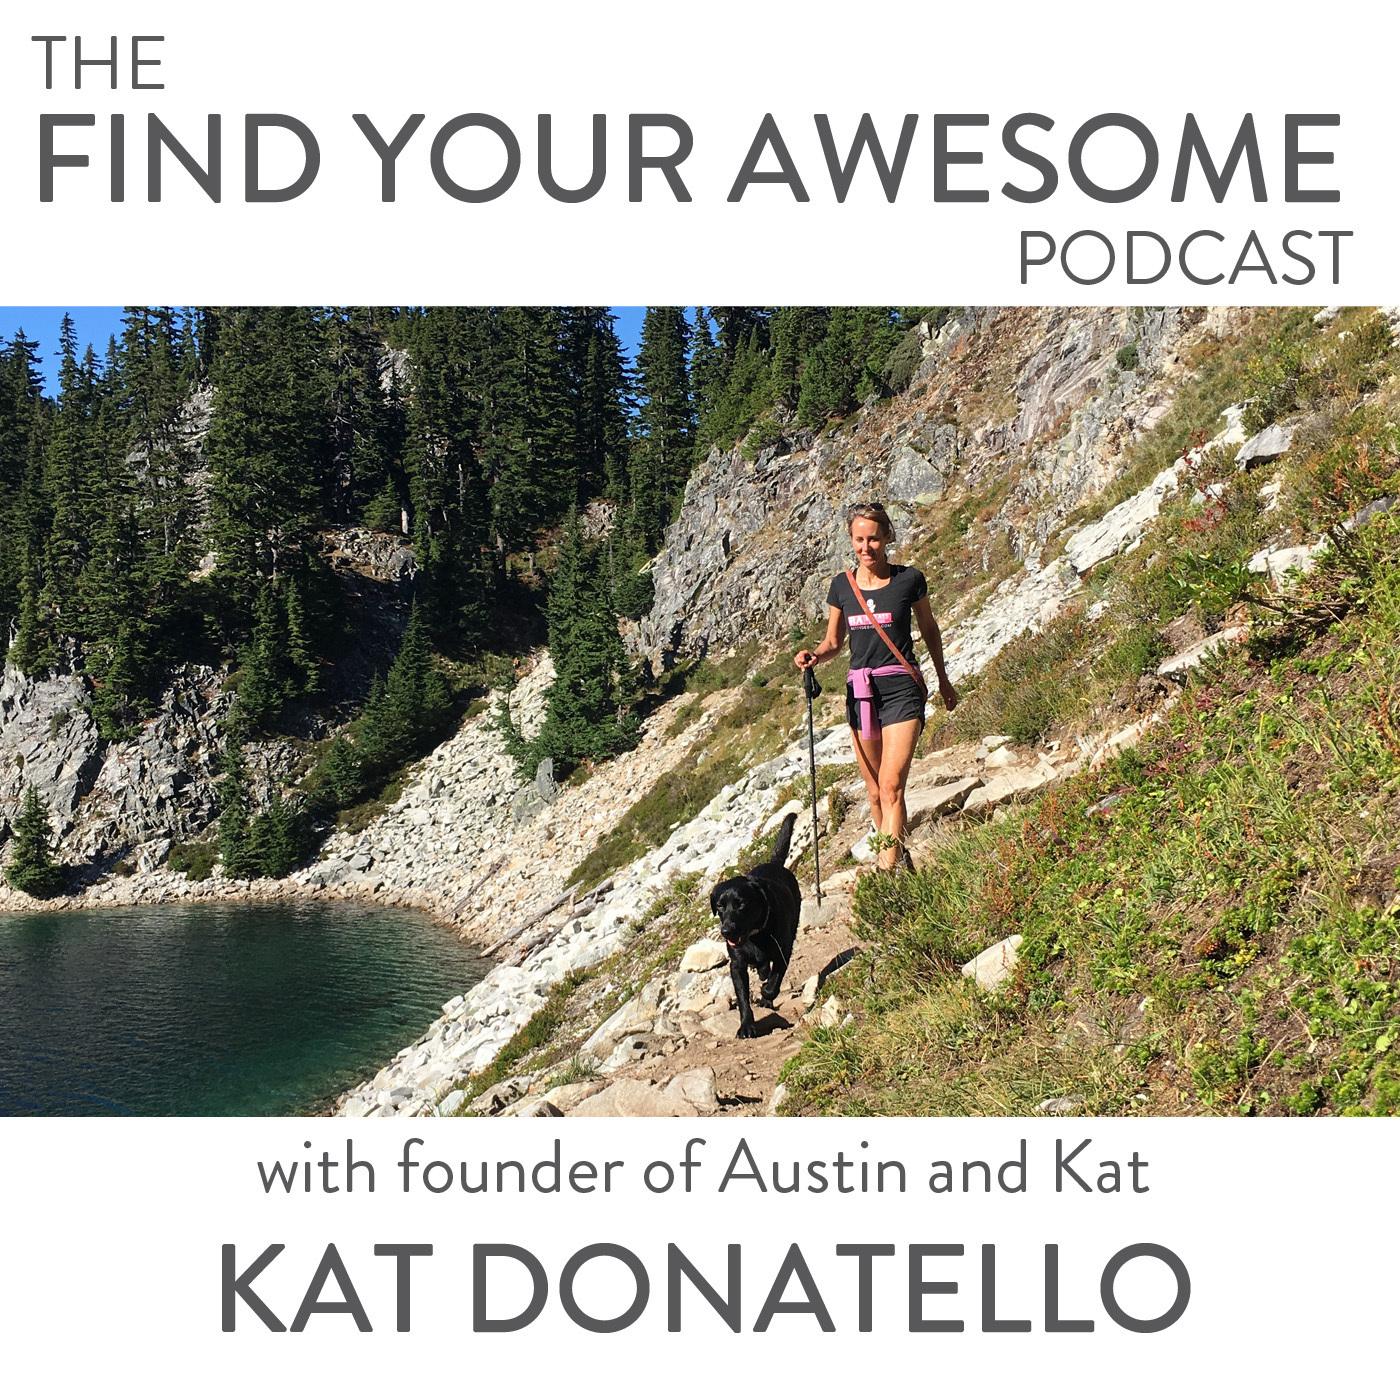 KatDonatello_podcast_coverart.jpg